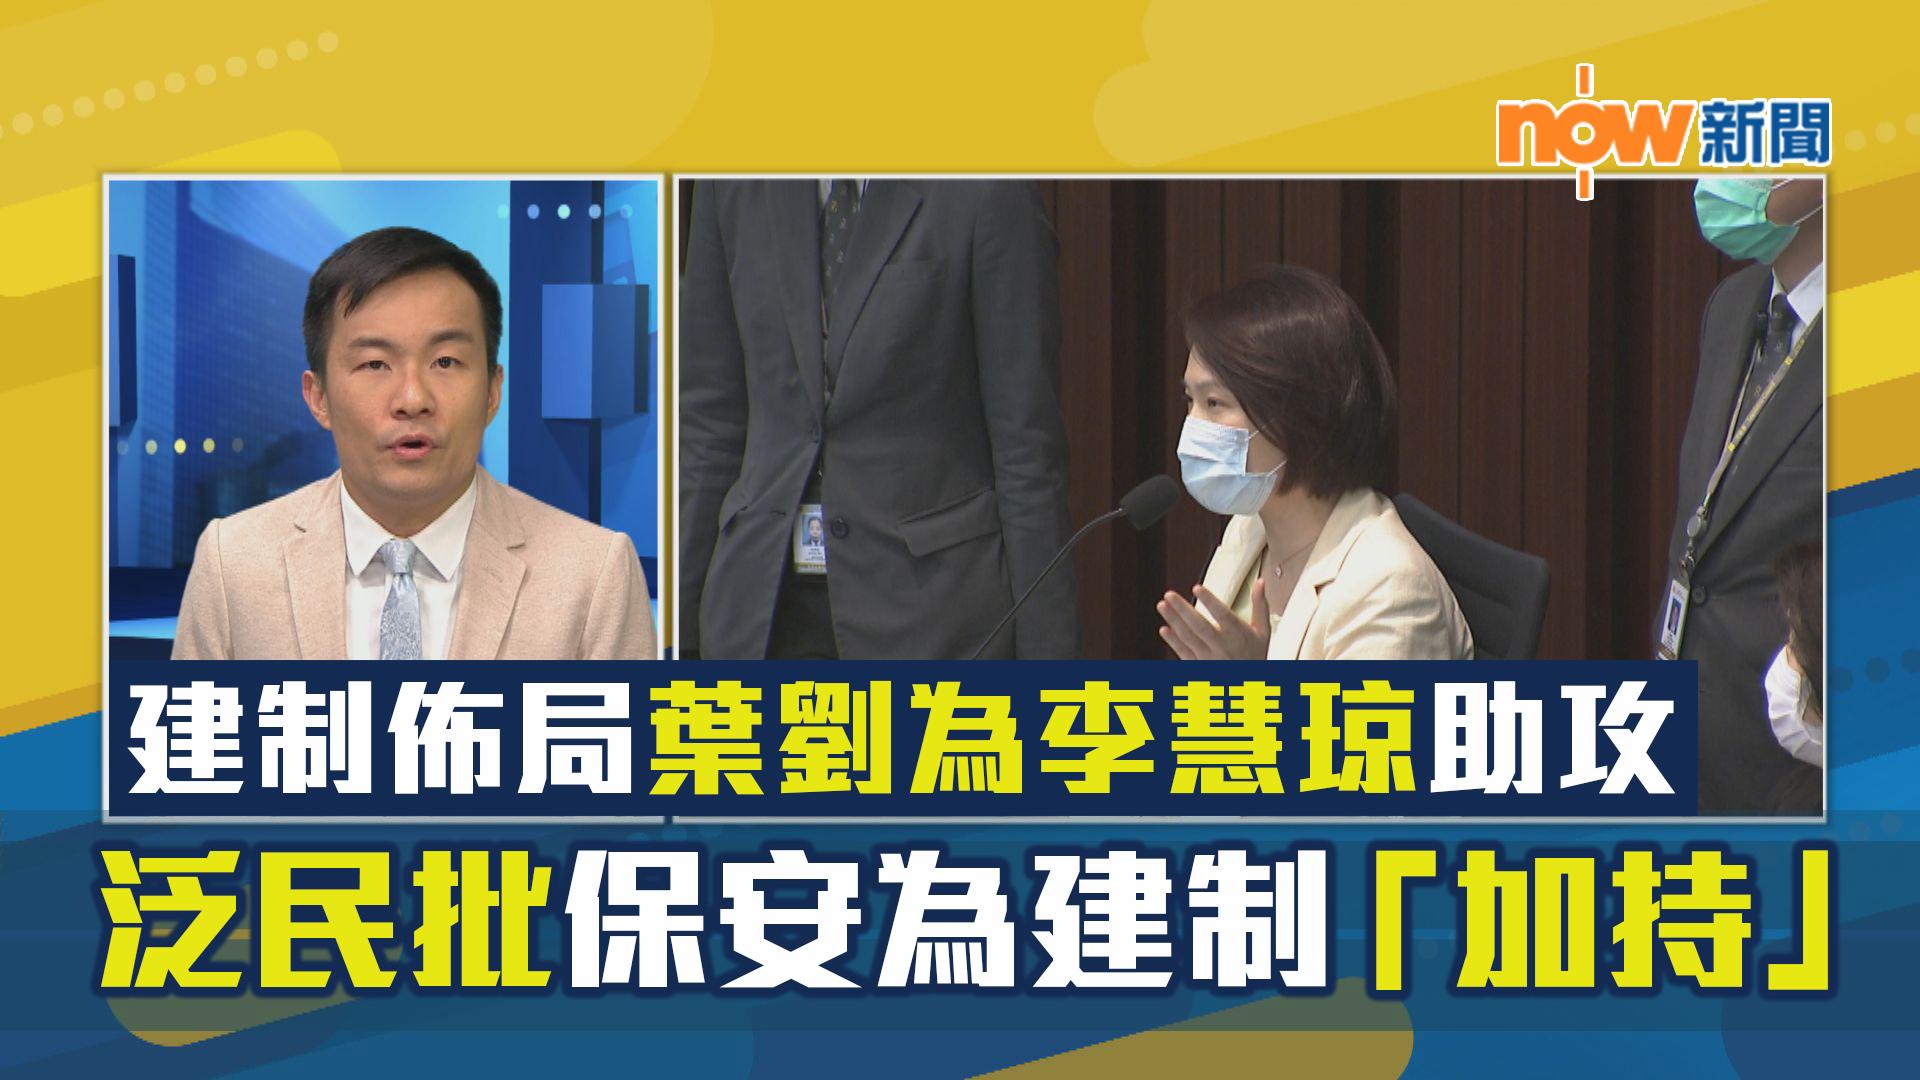 【政情】建制佈局葉劉為李慧琼助攻 泛民批保安為建制「加持」